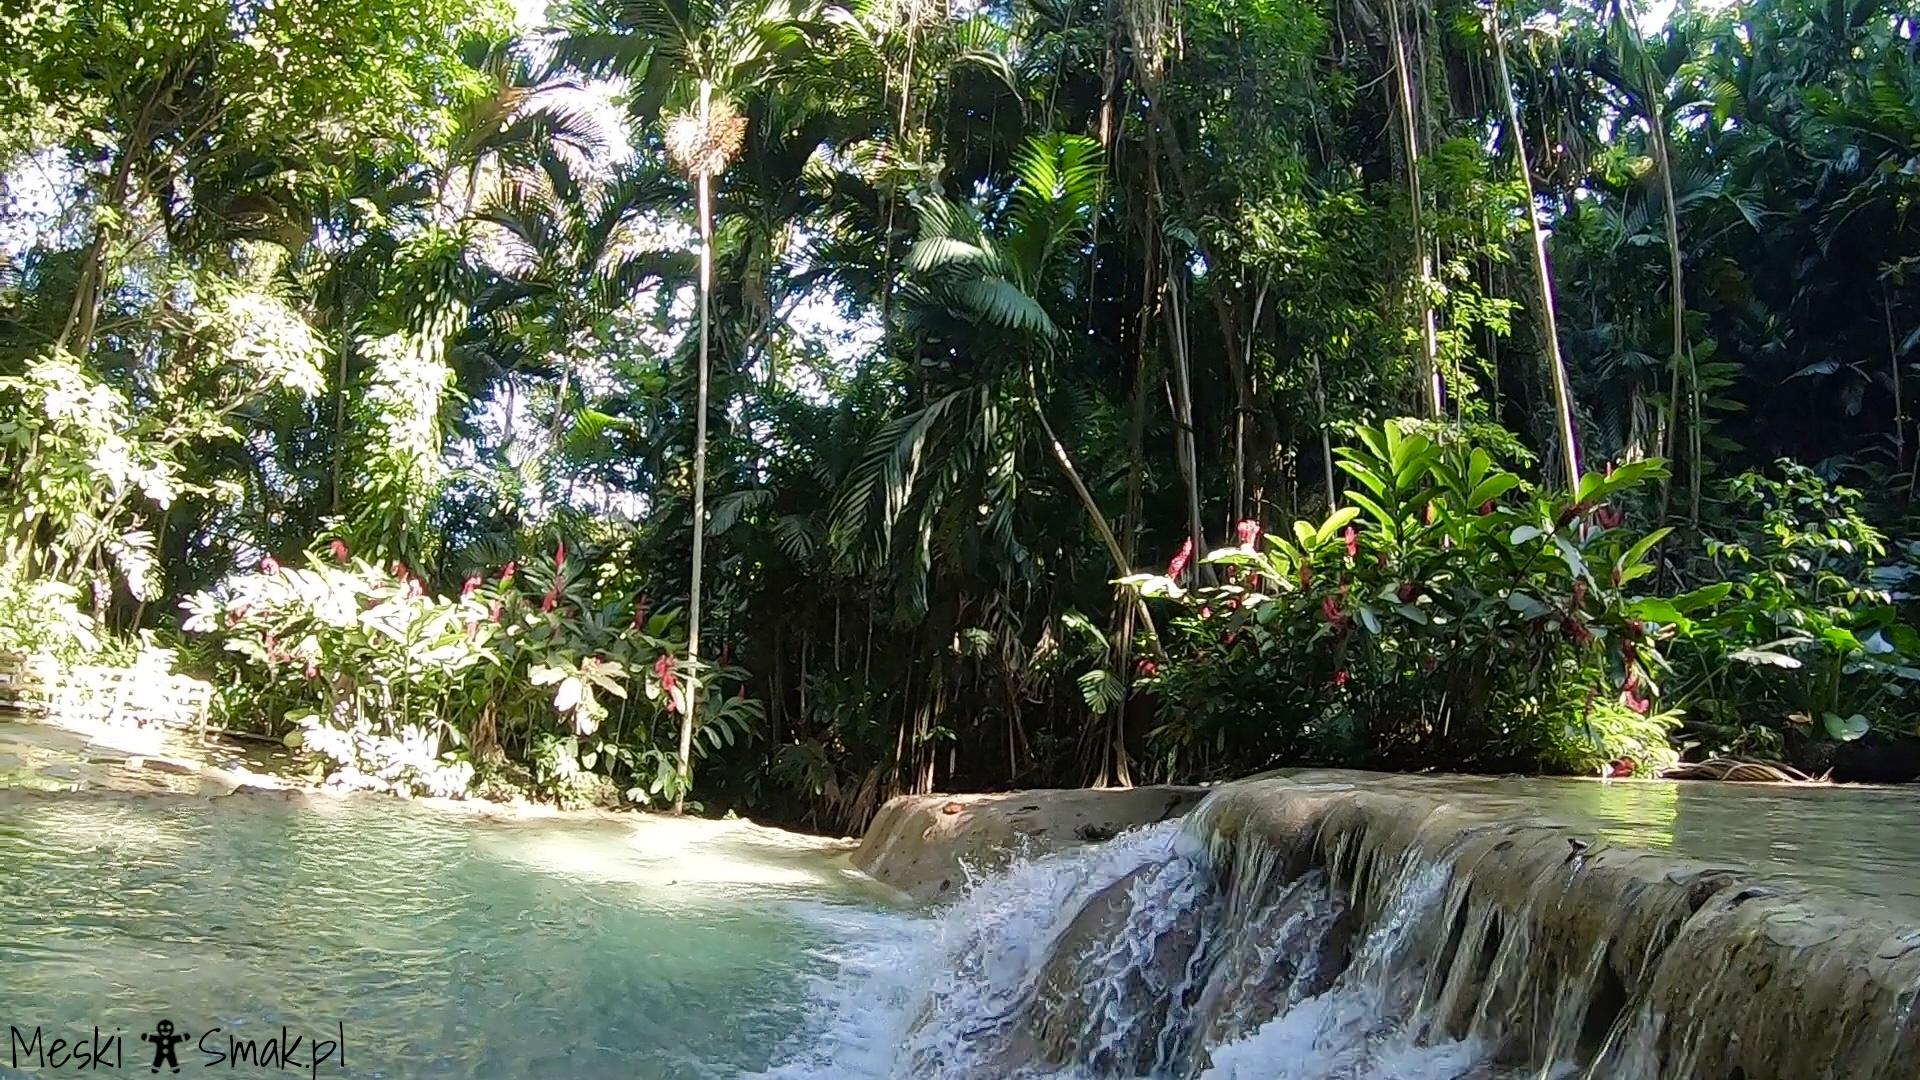 Wakacje i wycieczki Jamajka_The Turtle River Falls & Gardens 10